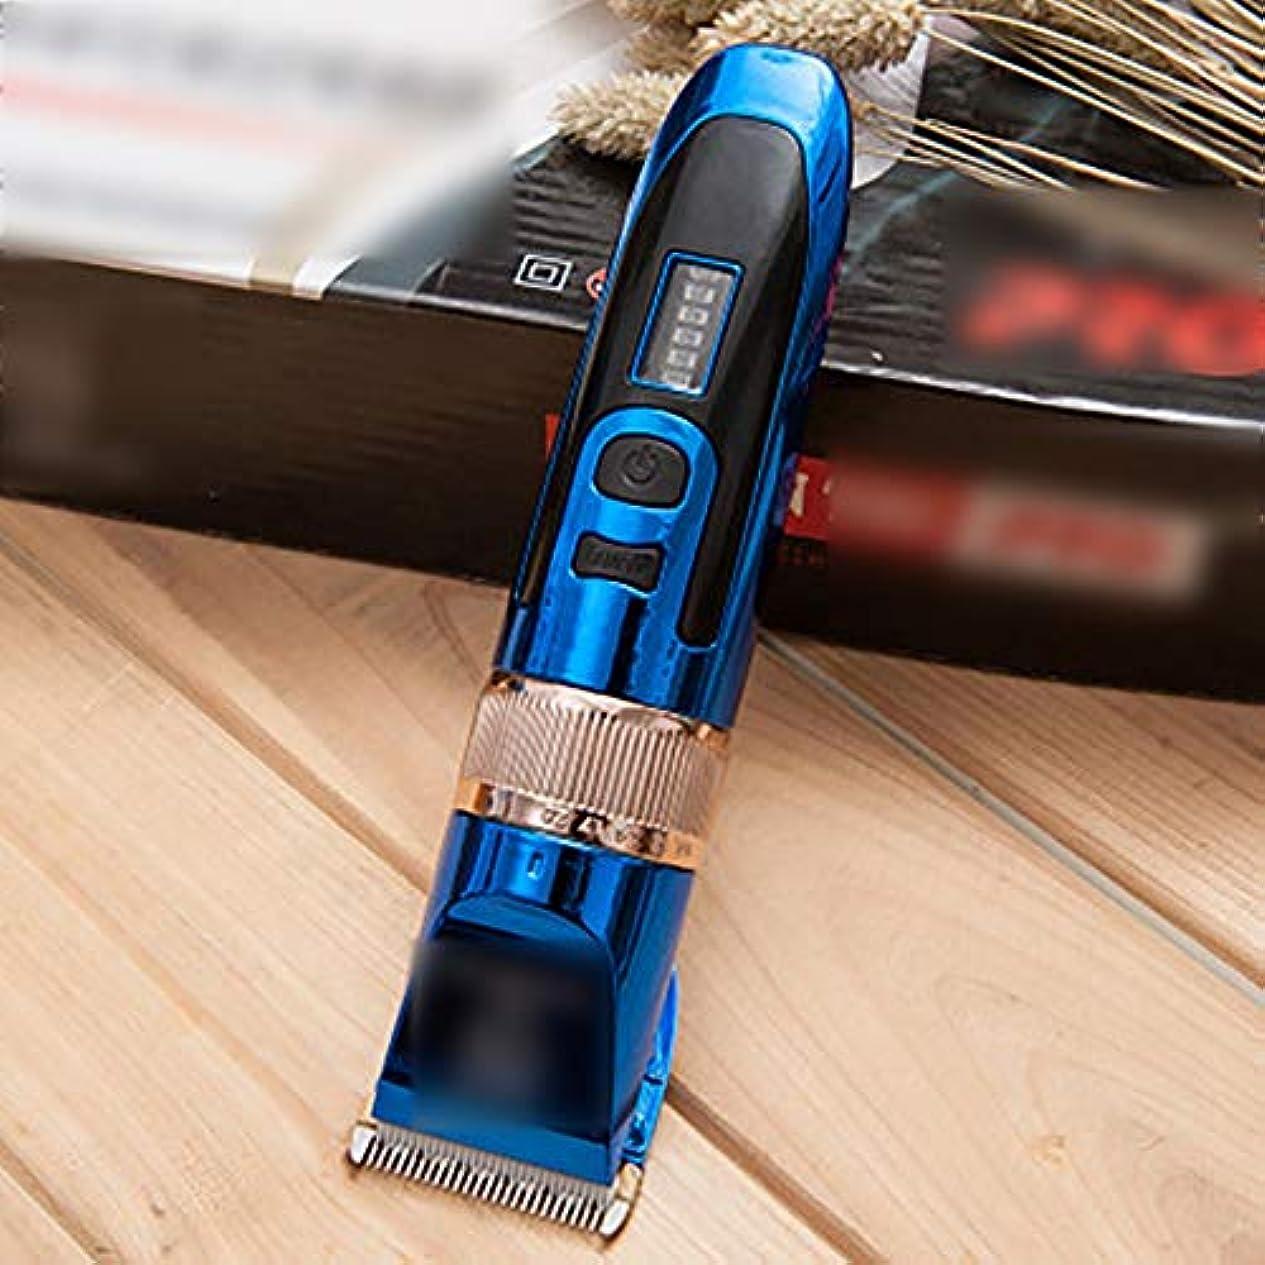 あそこ肌履歴書WAKABAFK プロの電気フェーダーリチウム電池液晶ディスプレイ散髪機ヘアトリマークリッパー (色 : 青)